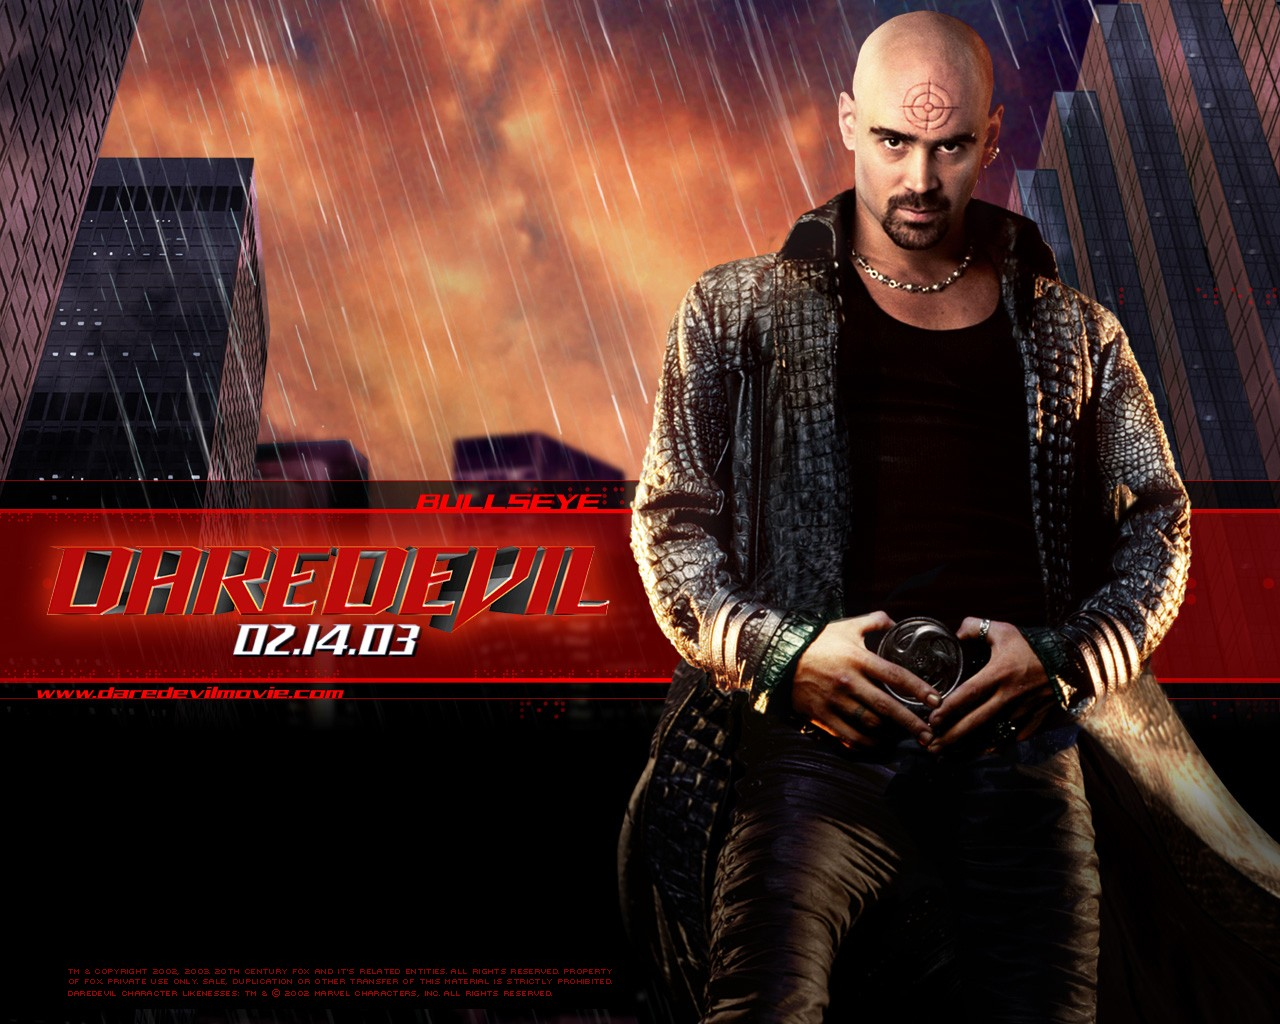 Un wallpaper ufficiale di Bullseye (Colin Farrell) per il film Daredevil